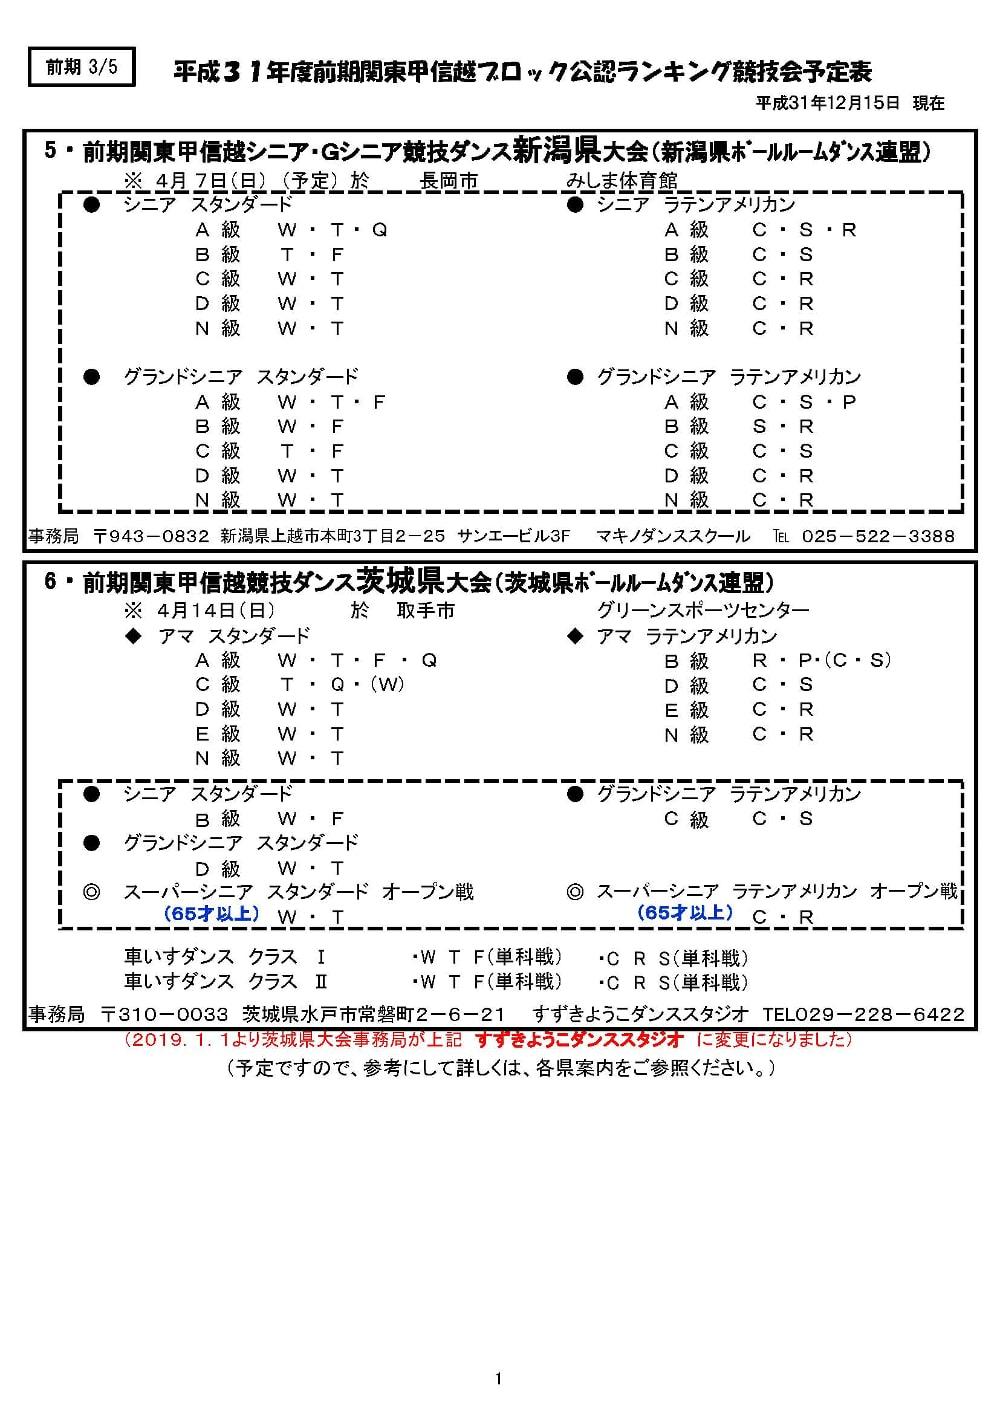 2019-schedule-first_4